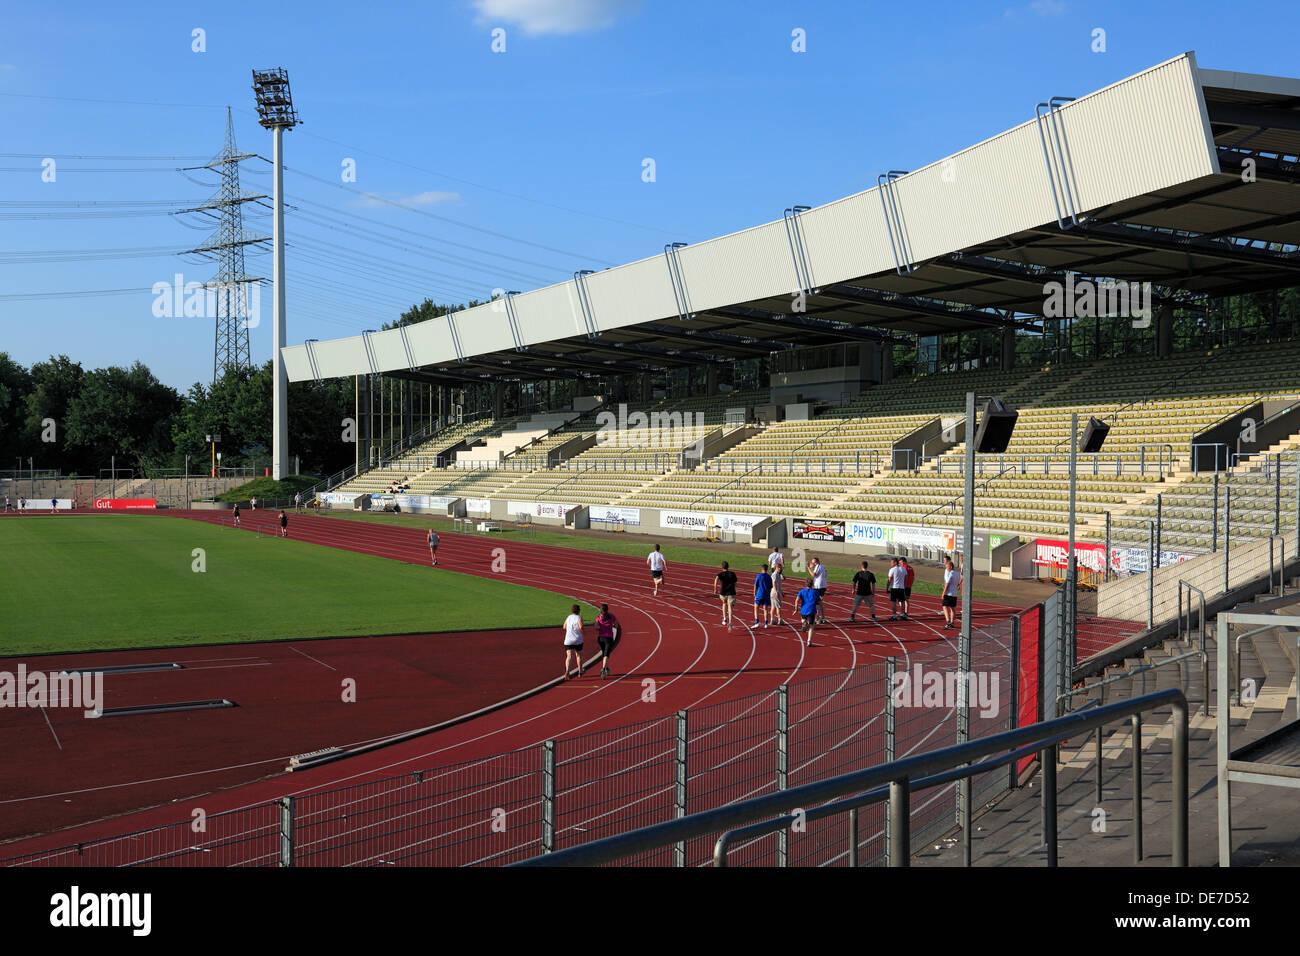 D-Bochum, Ruhr area, Westphalia, North Rhine-Westphalia, NRW, D-Bochum-Wattenscheid, Lohrheide Stadium of SG Wattenscheid 09 - Stock Image